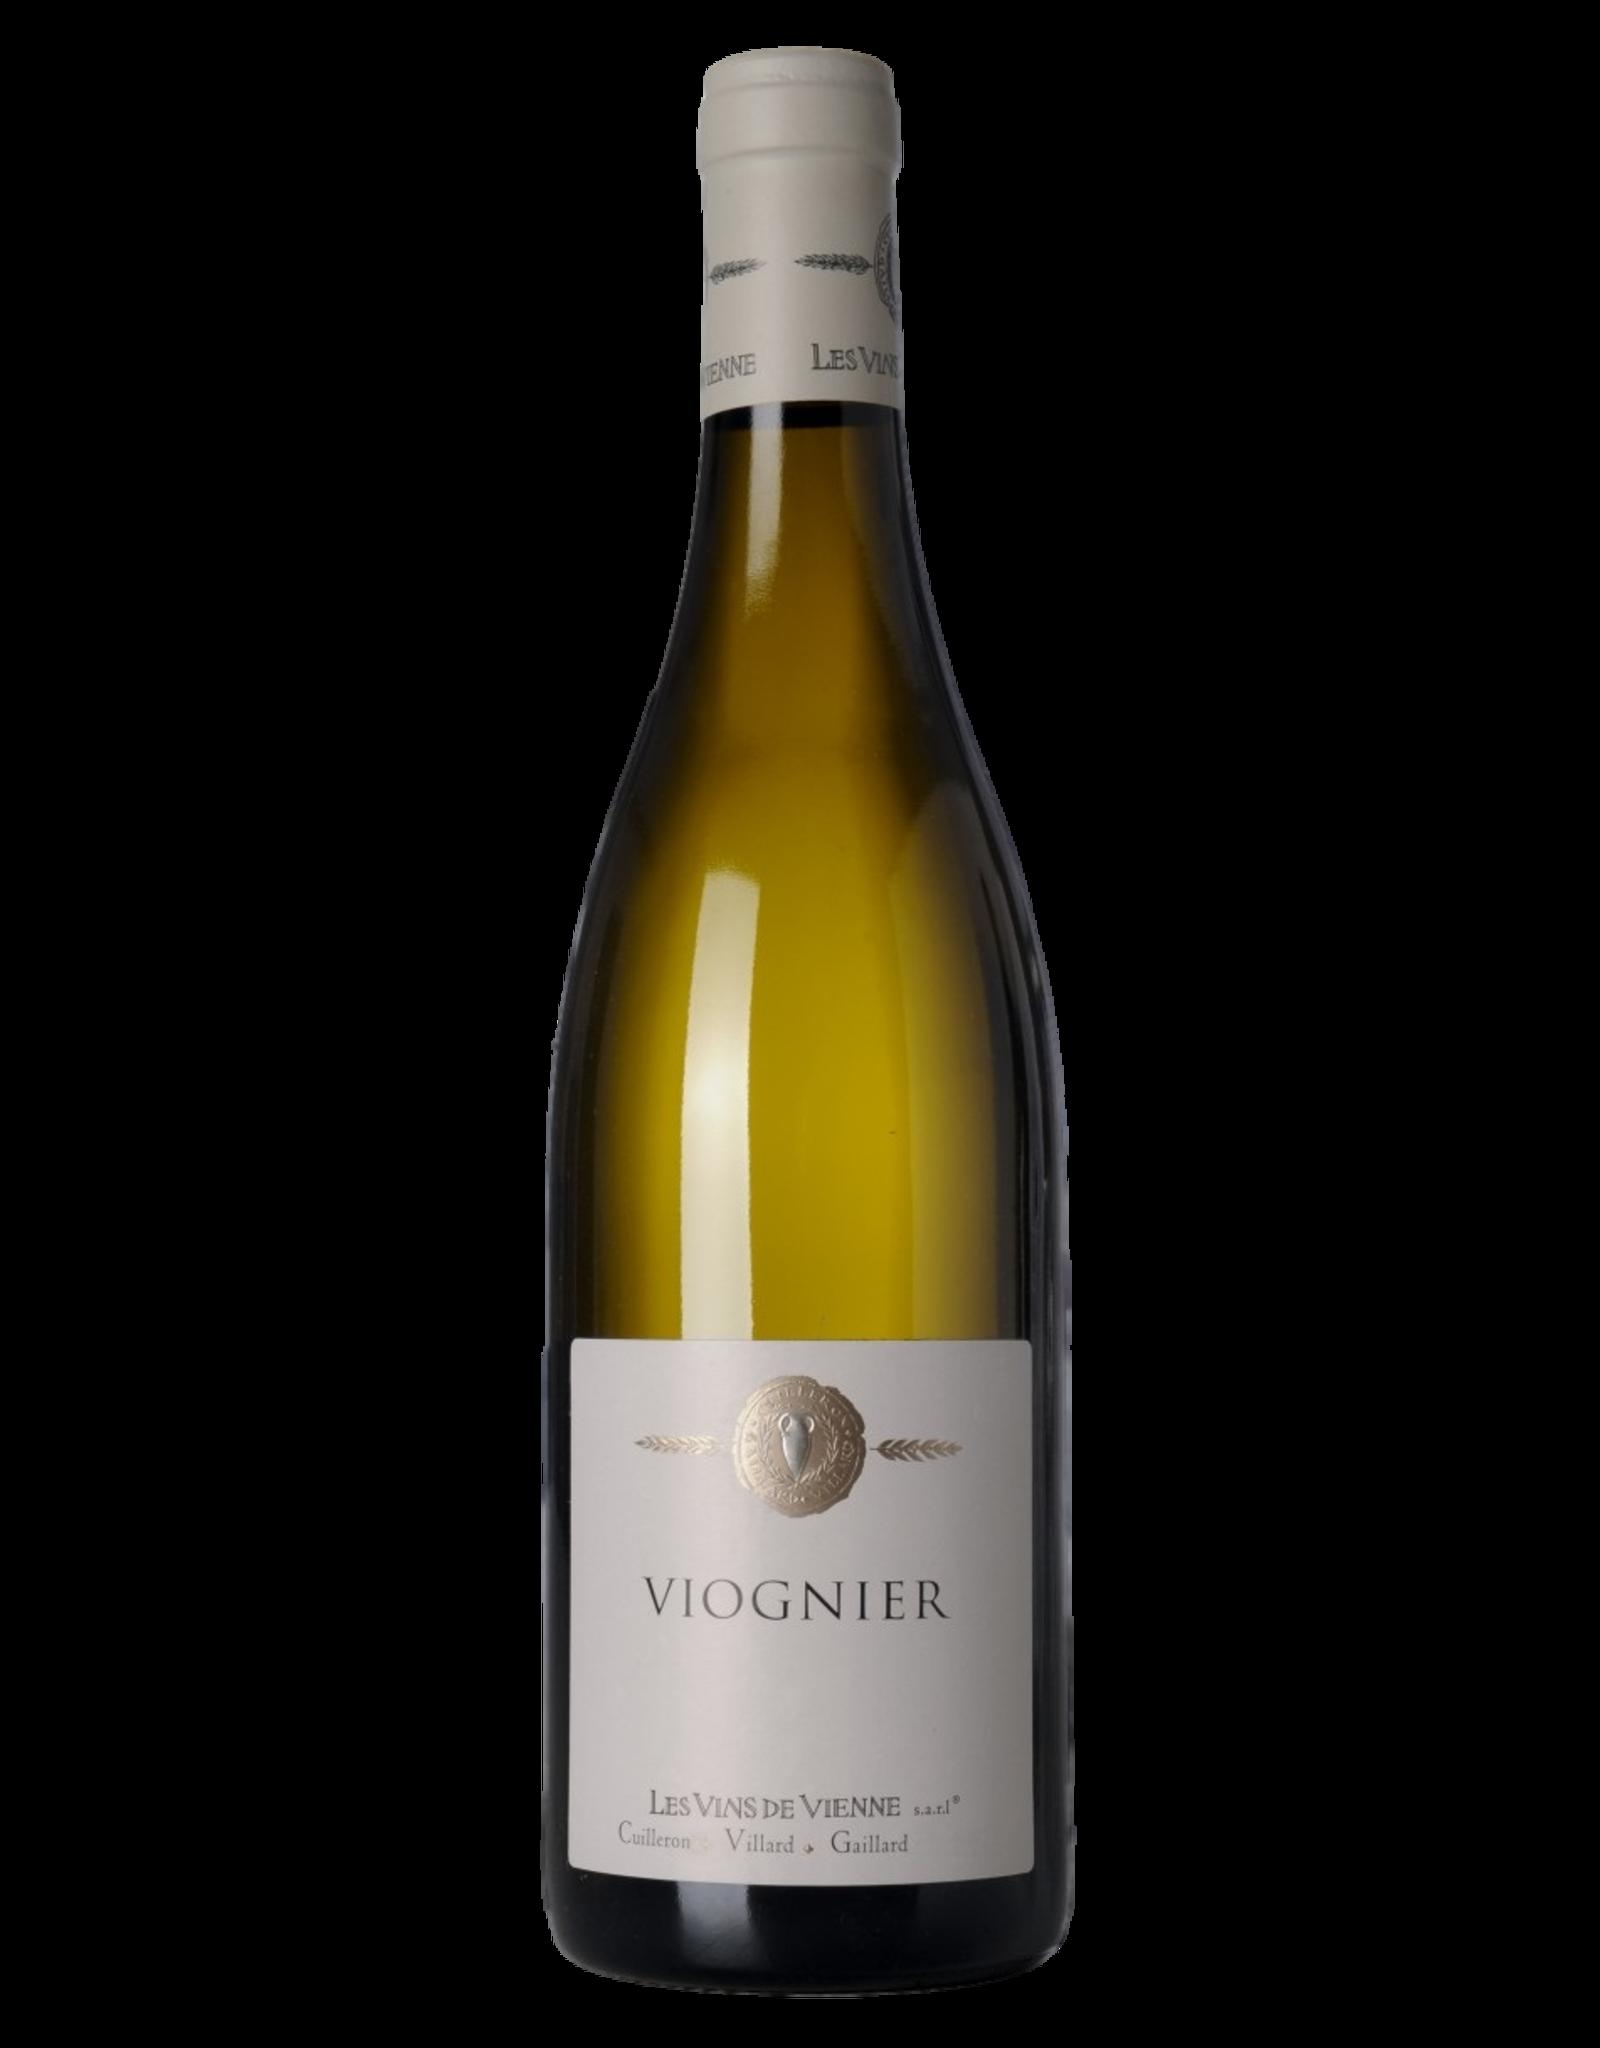 Les Vins de Vienne Viognier des Collines Rhodaniennes IGP